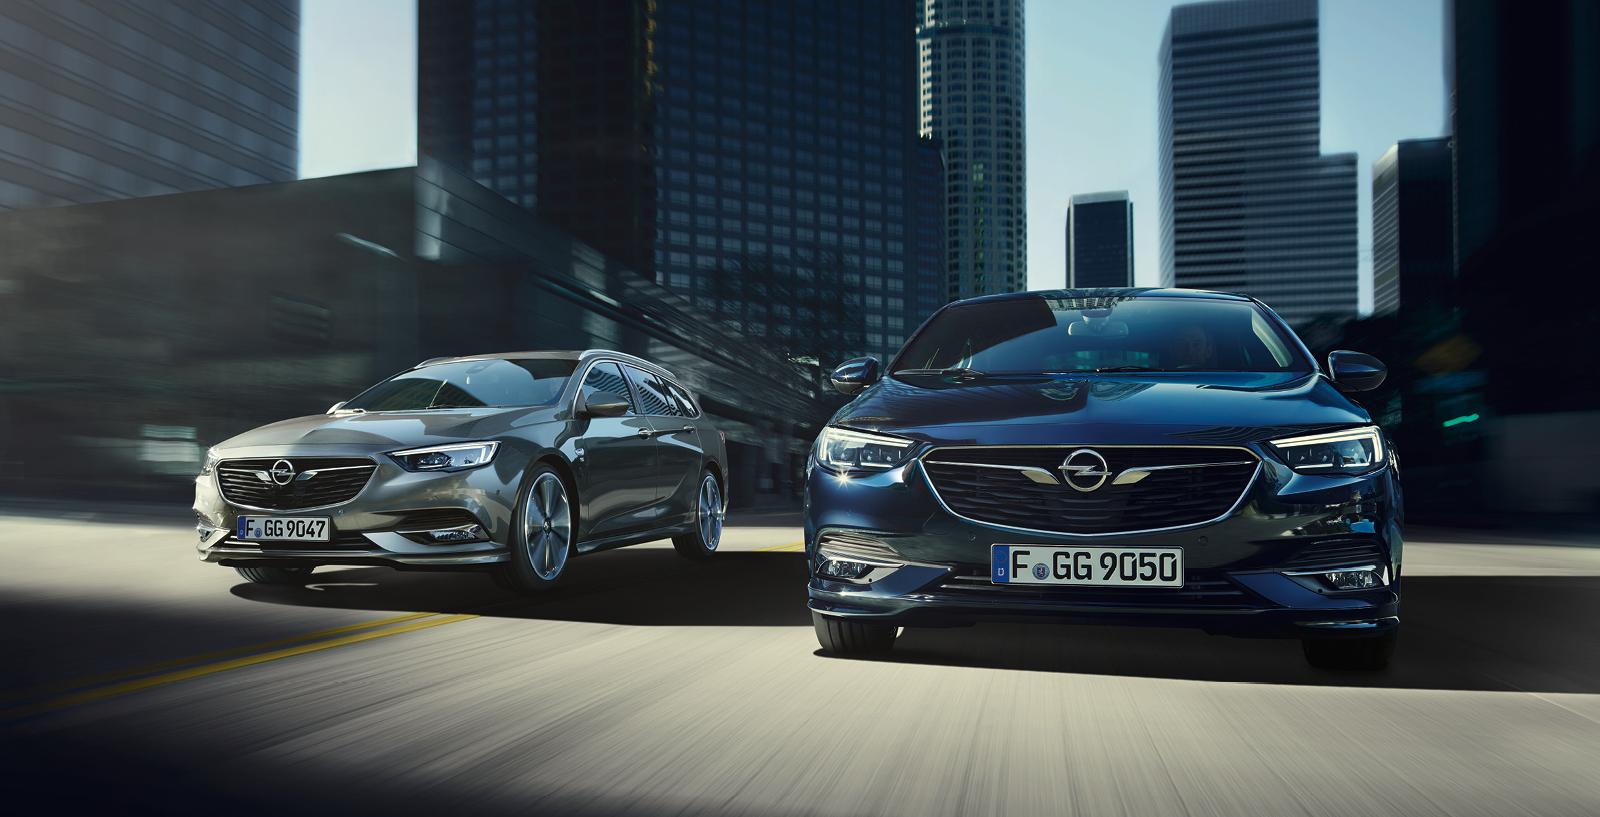 Tehokas 200 hv Opel Insignia nyt kampanjahinnoin! c9fbff66d4